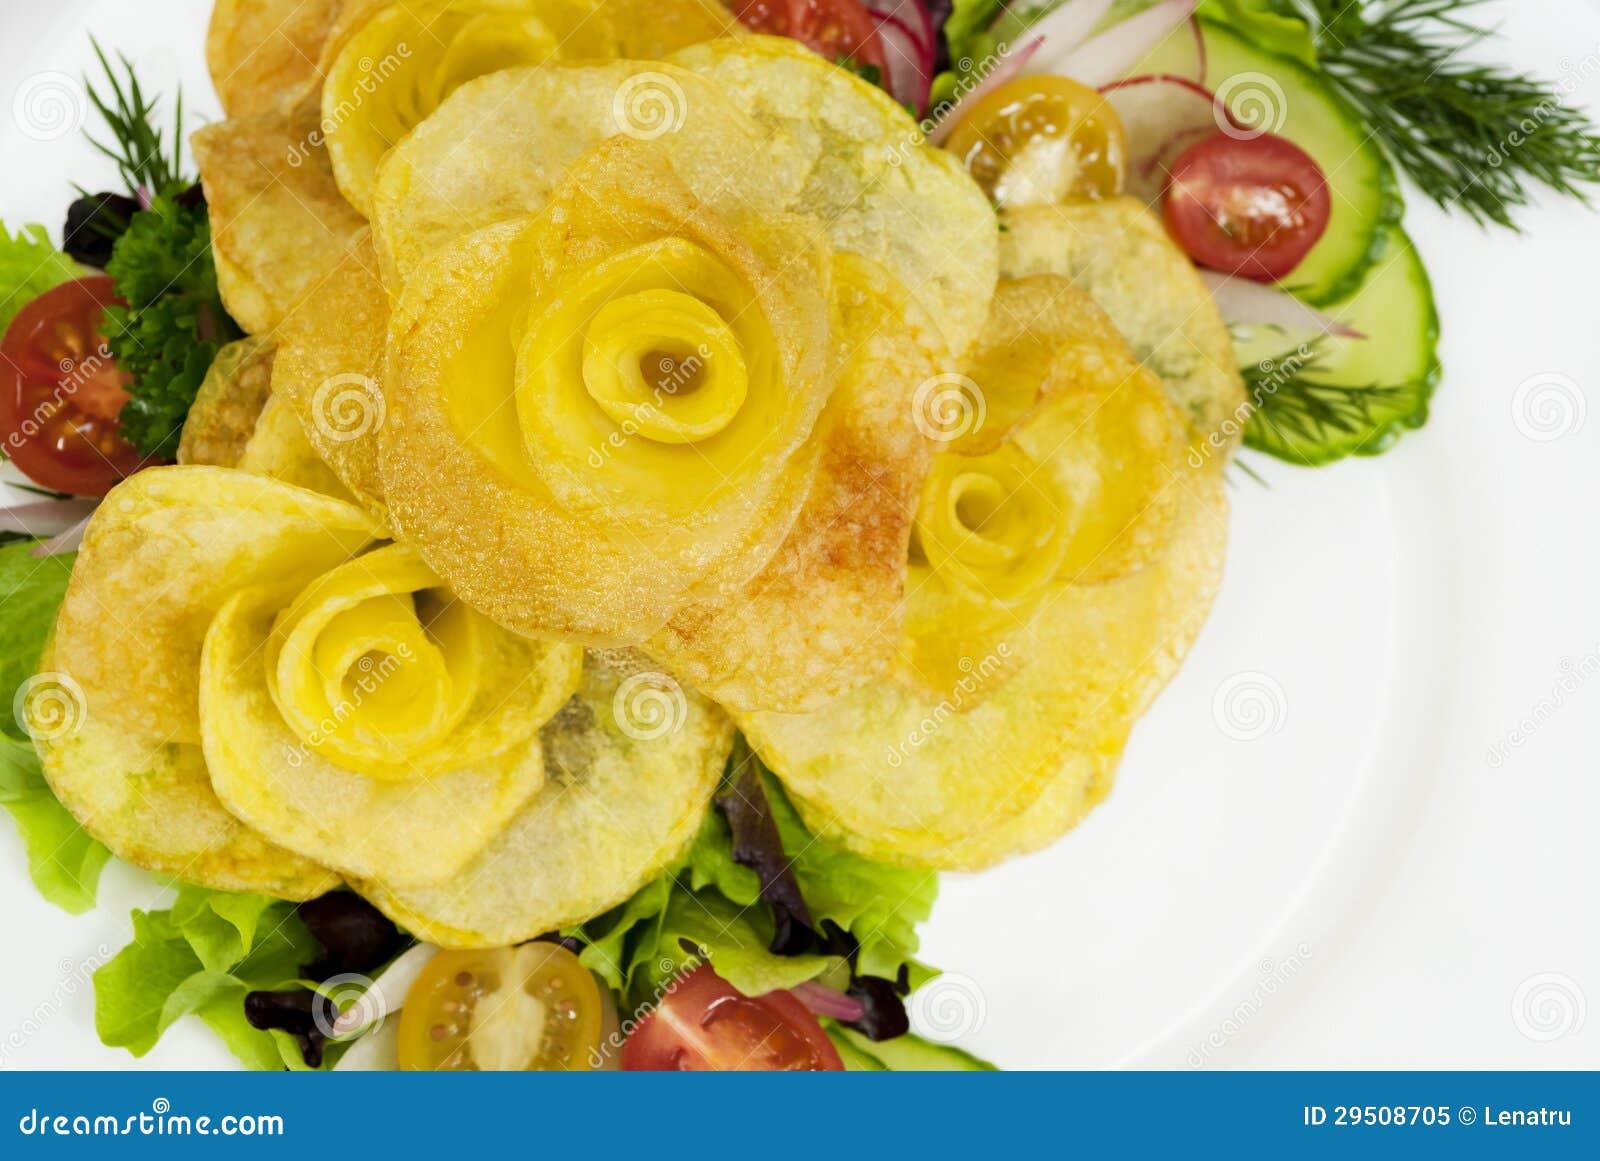 De frieten in de vorm van namen op een plaat met een salade toe